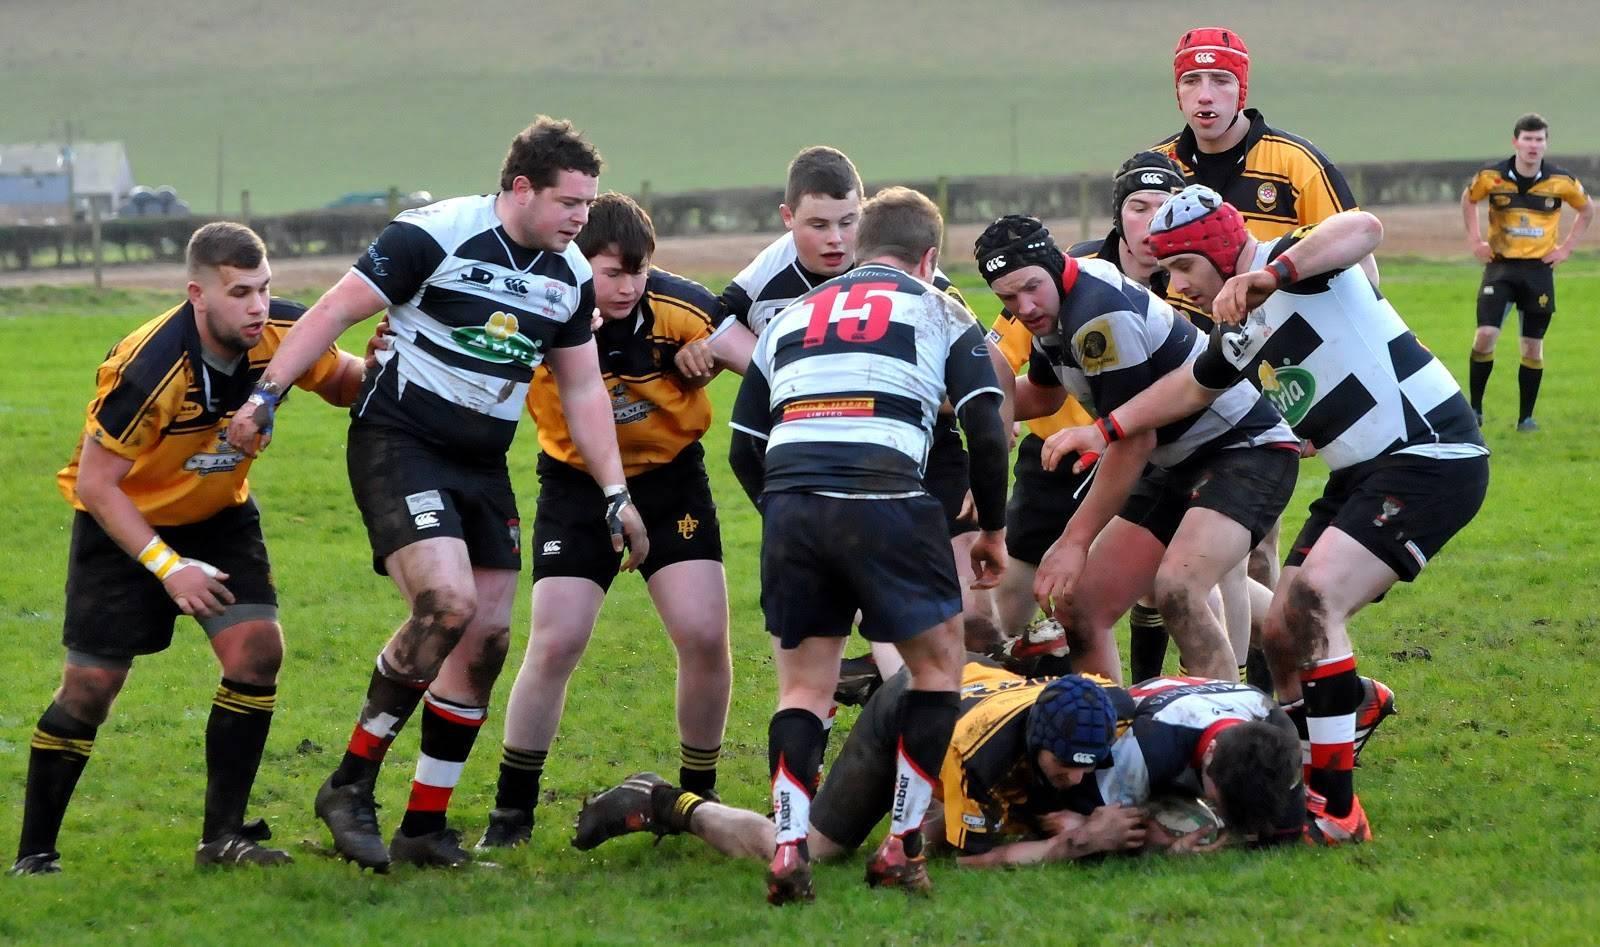 Glasgow, Edimbourg, la culture rugby vue autrement, et une année scolaire pleine de souvenirs riches et différents, voilà le programme qui vous attend avec l'Edusport Académy